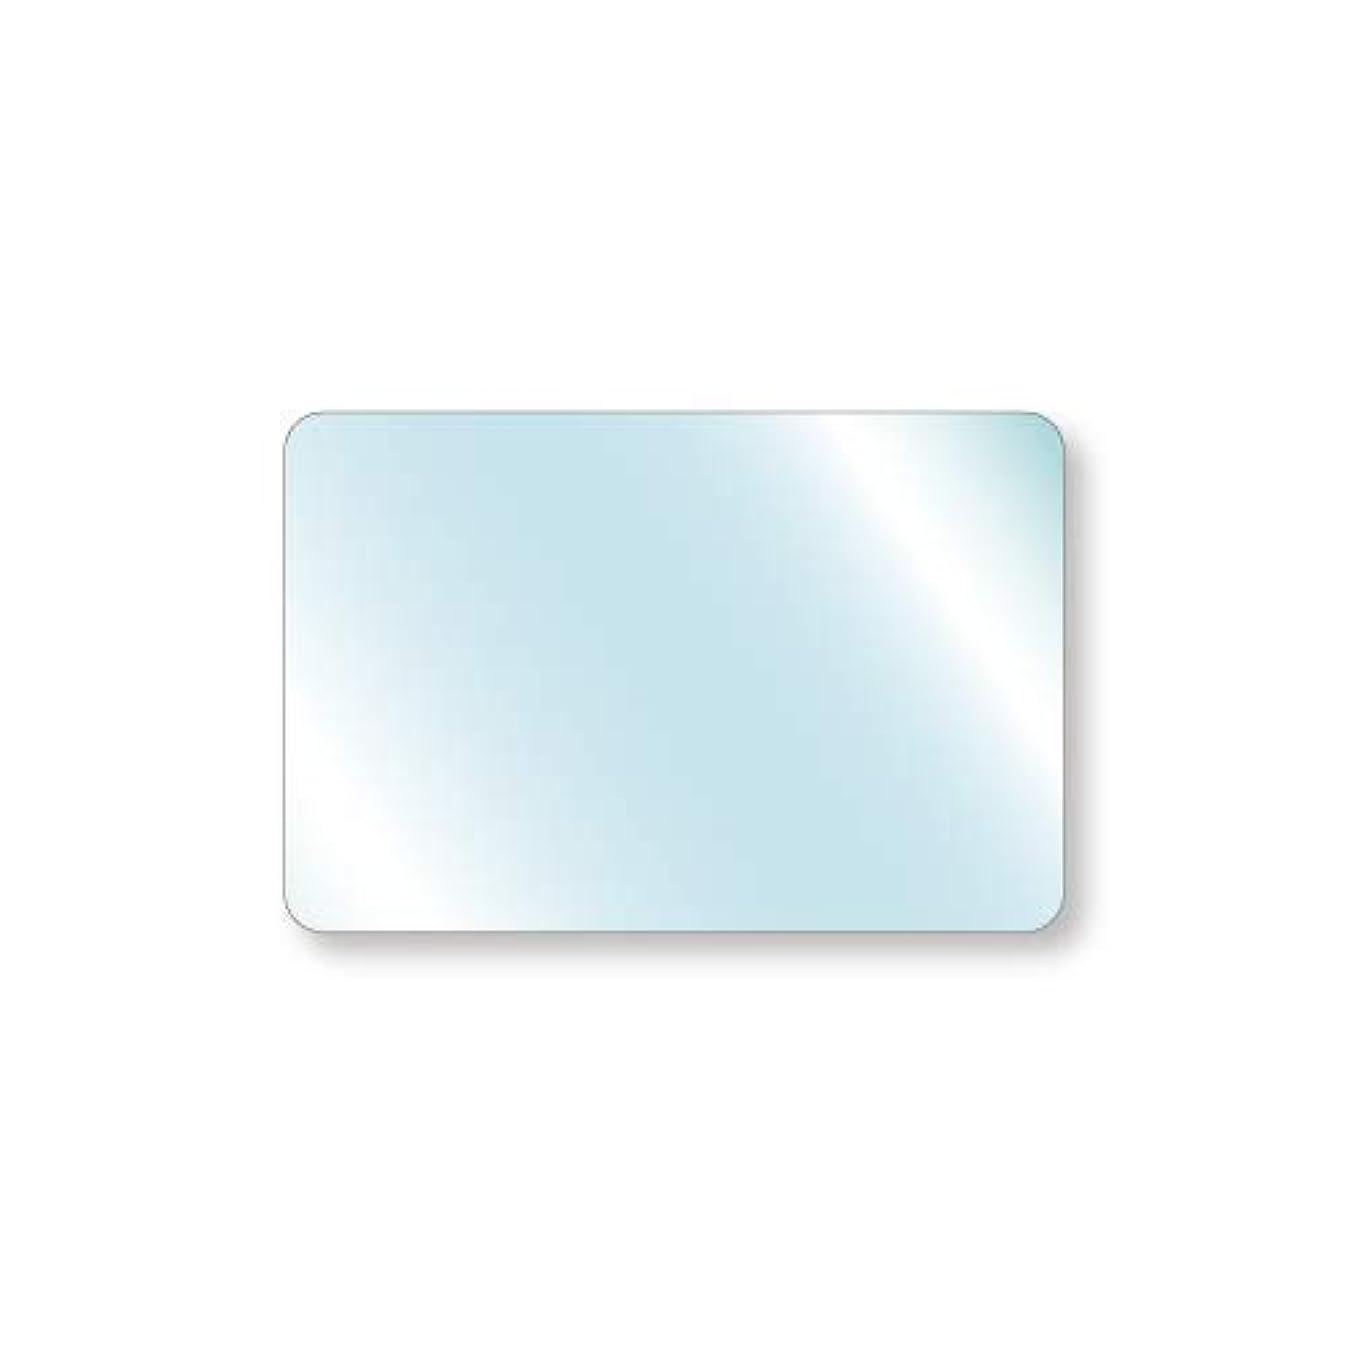 データ人里離れたセレナ強化ガラス 厚み8mm 300×200mm 四角形 4隅R加工 ミガキ サイズオーダー対応